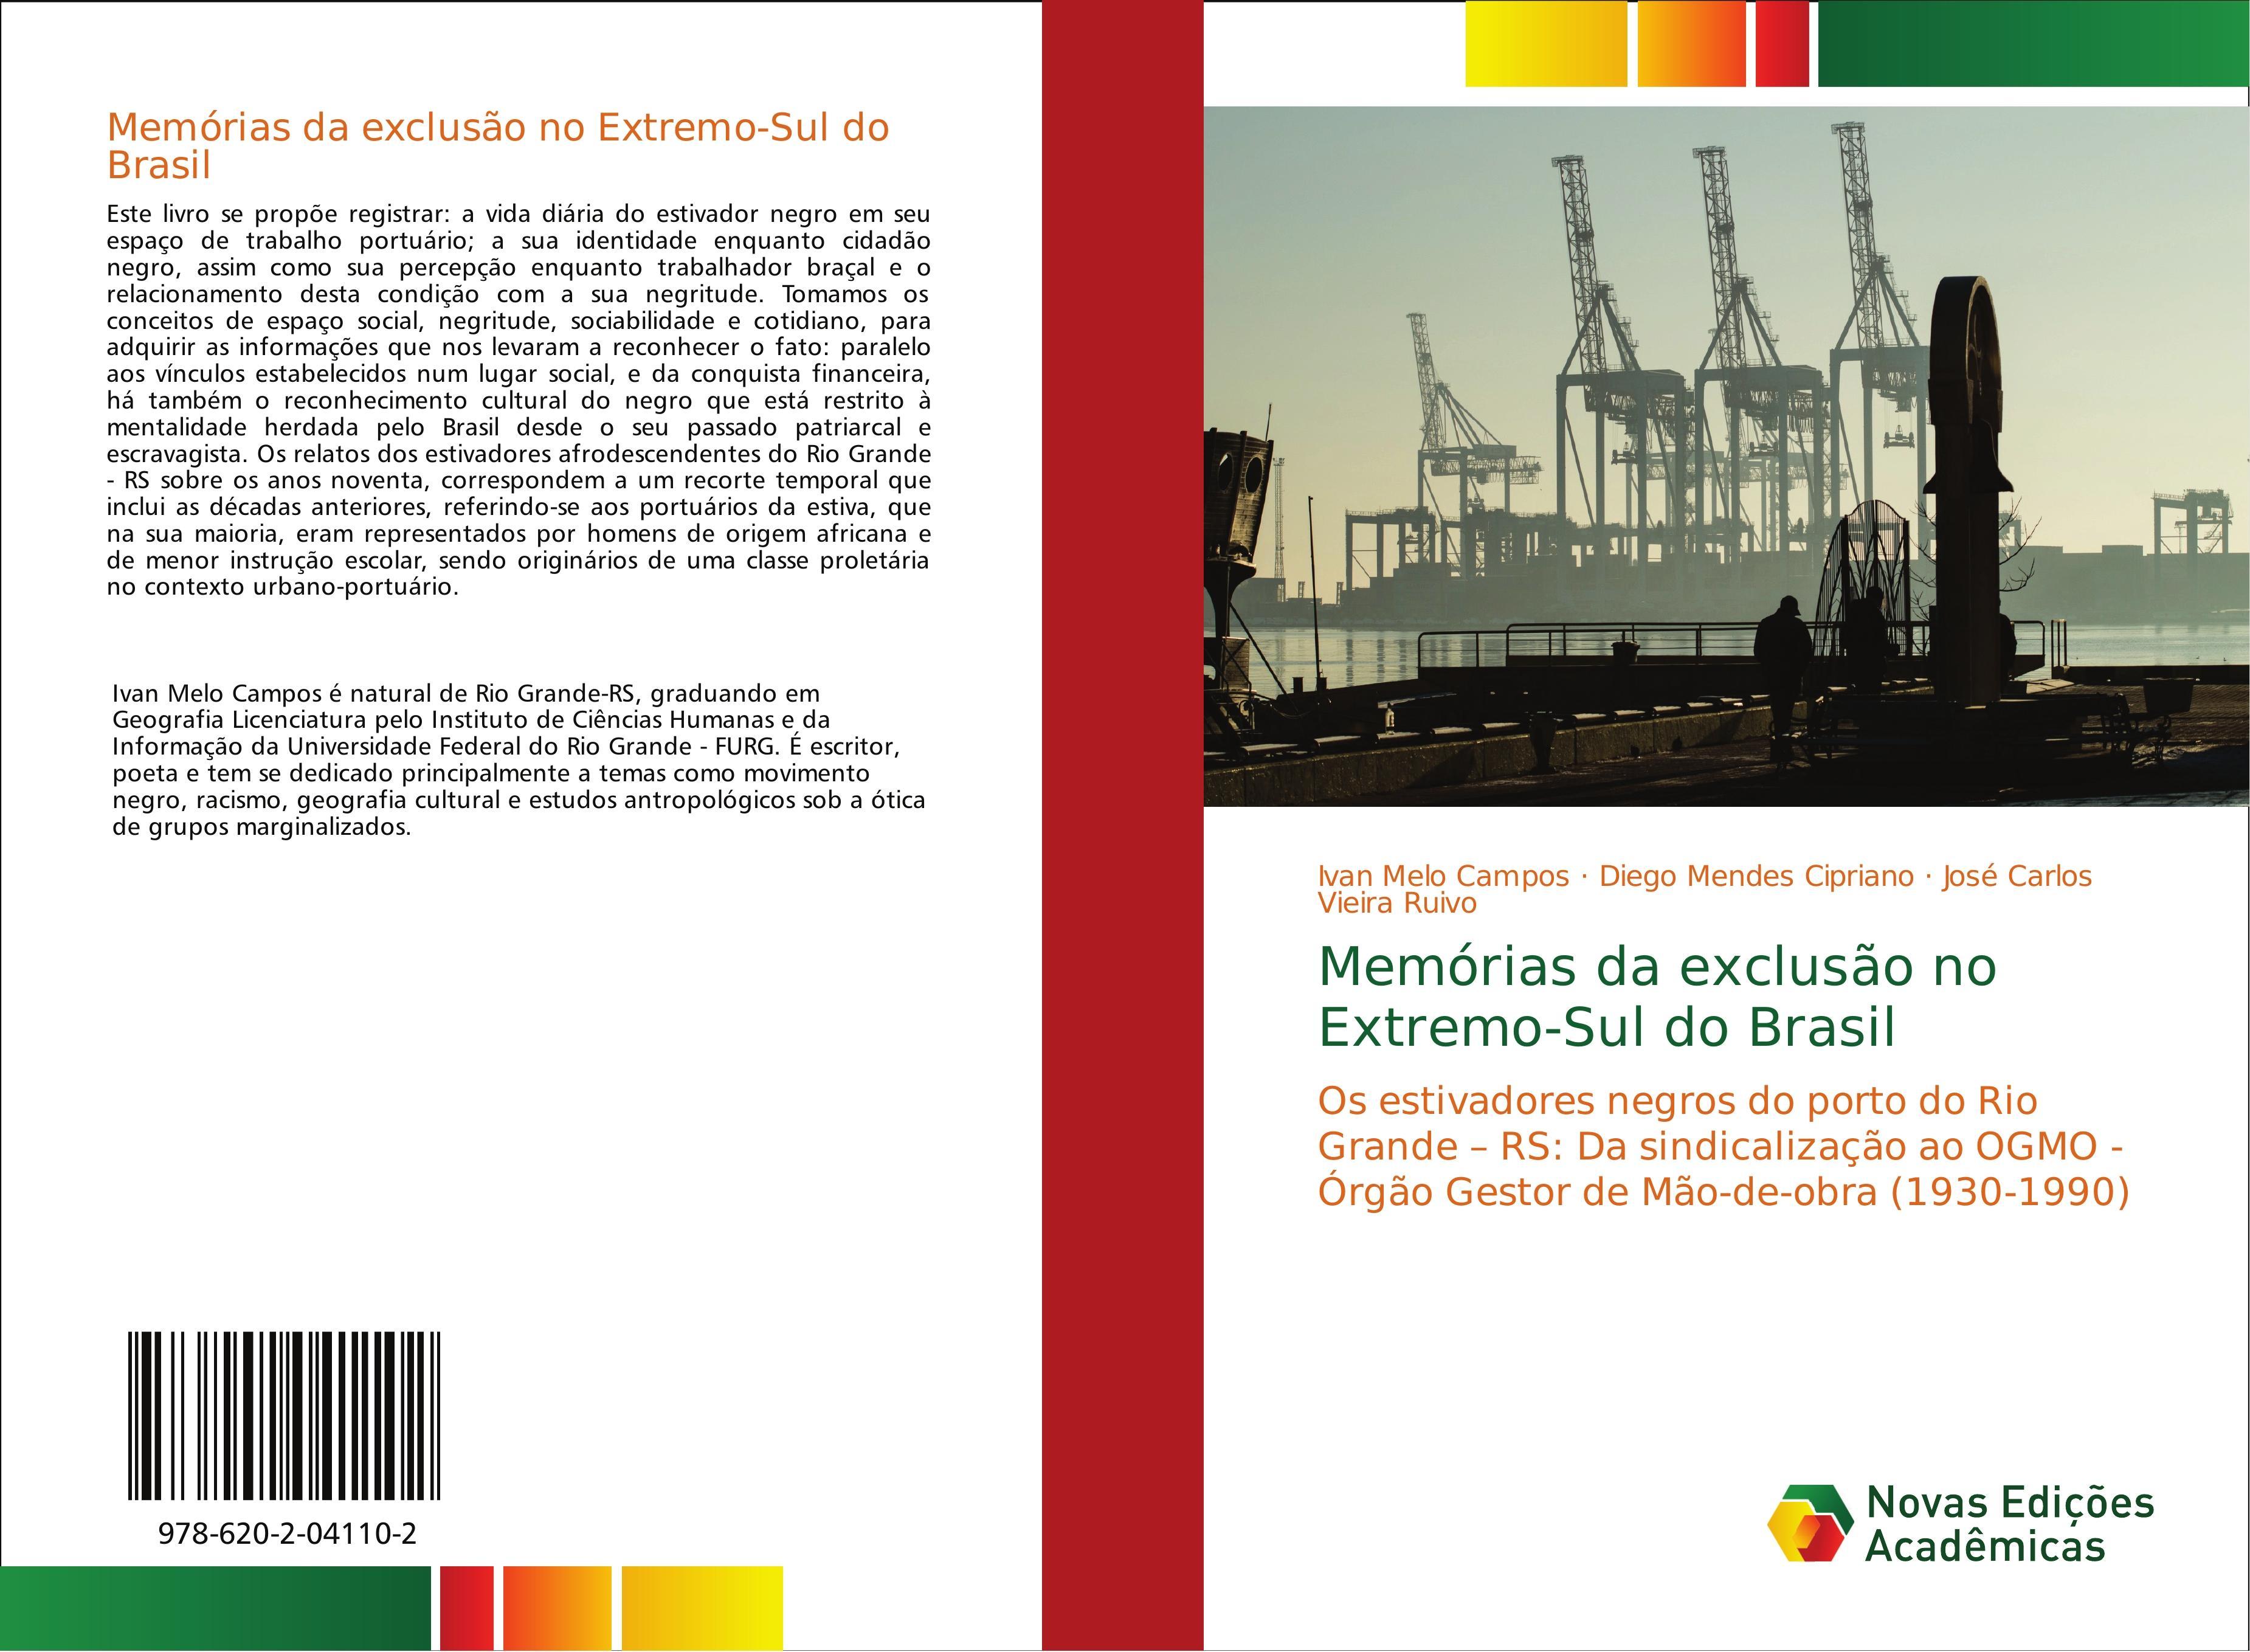 Memórias da exclusão no Extremo-Sul do Brasil  Ivan Melo Campos (u. a.)  Taschenbuch  Portugiesisch  2018 - Melo Campos, Ivan